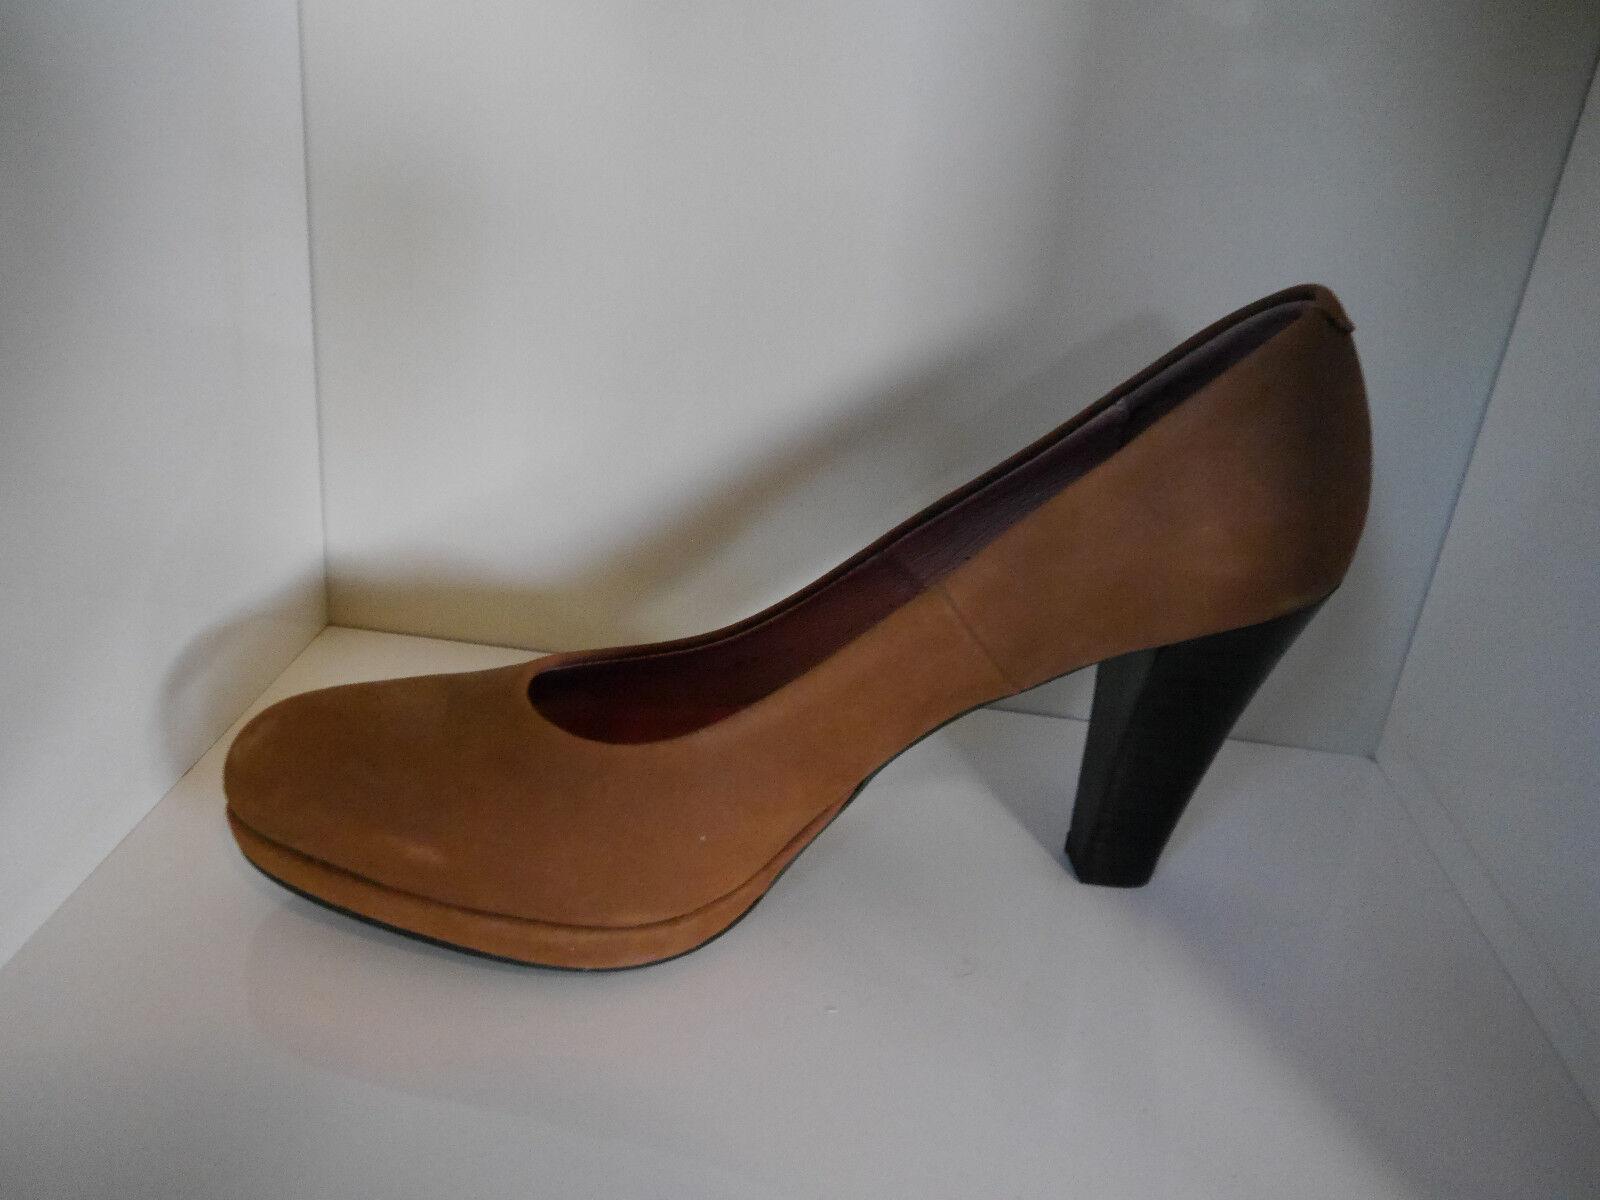 Schuhe - pumps Rehbraun Gr. 39 NP 129.00 Neu - Schuhe Gadea 35005 Gras Cuero, aa49bd